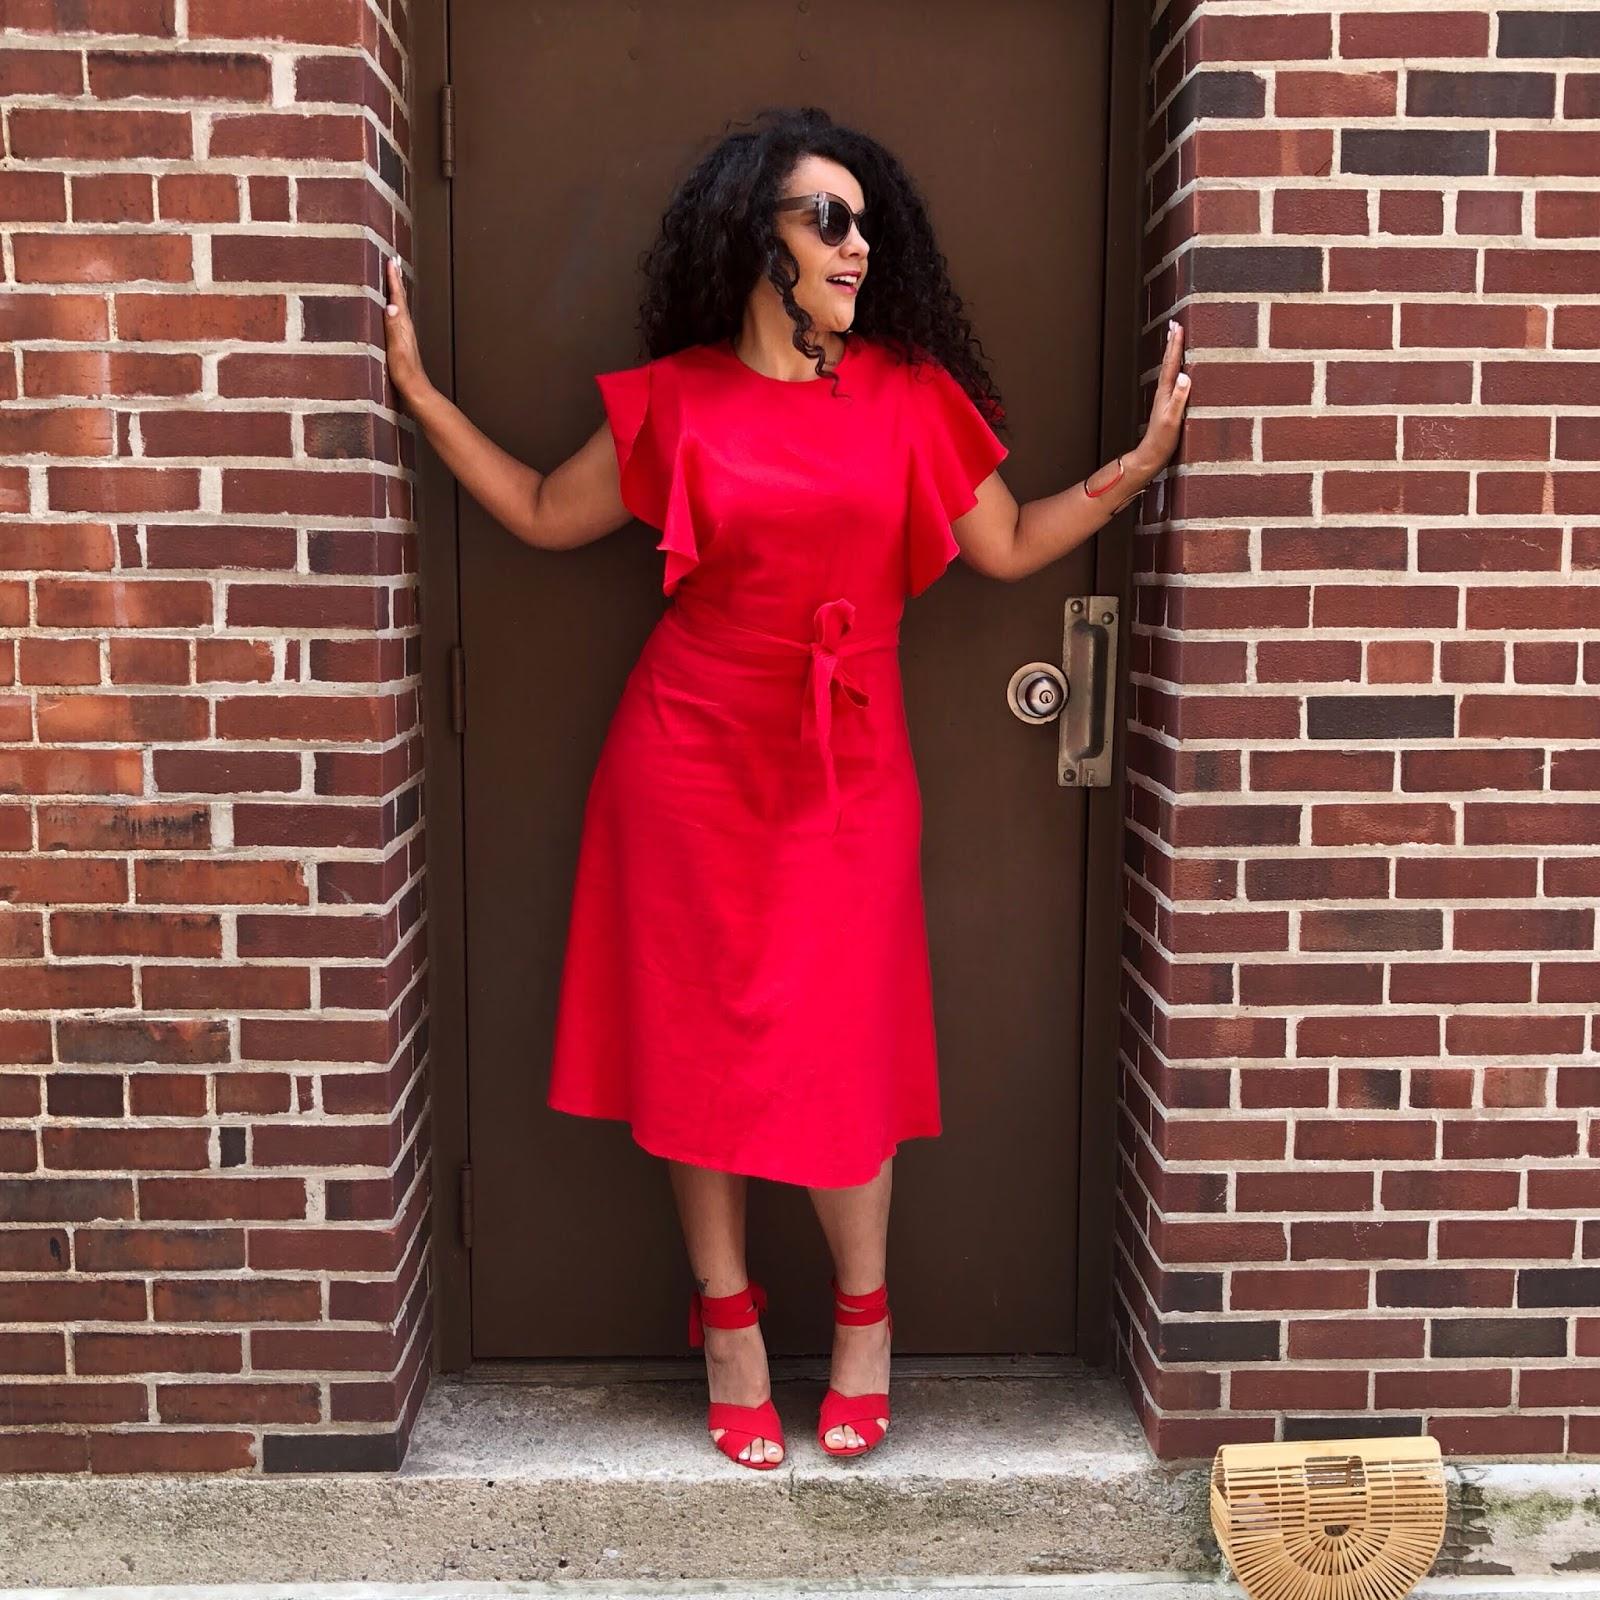 Curlybyrdie Chirps: Be Bold Wear Red